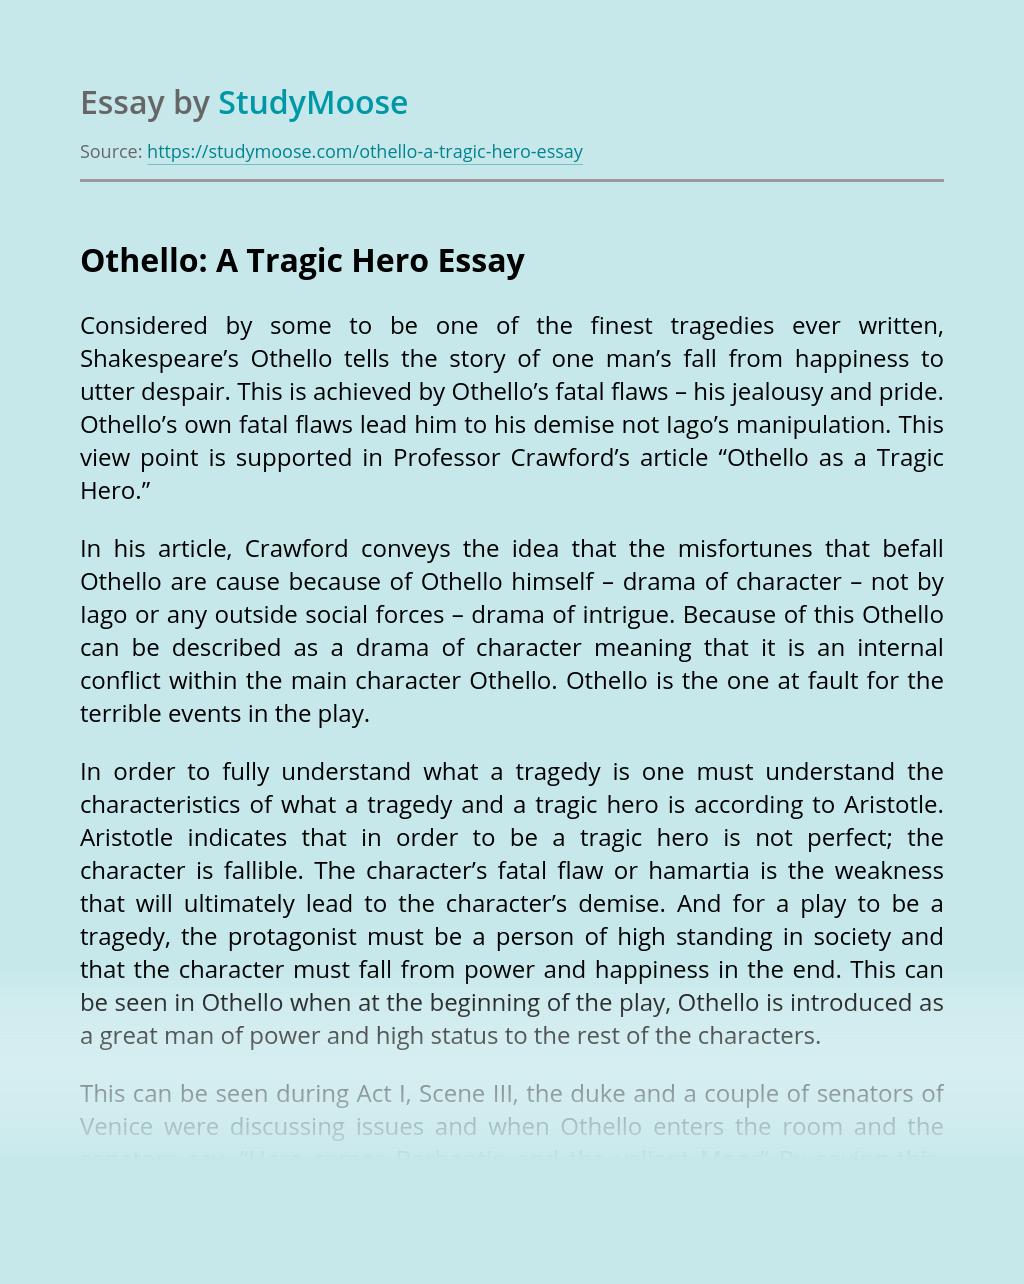 Othello: A Tragic Hero